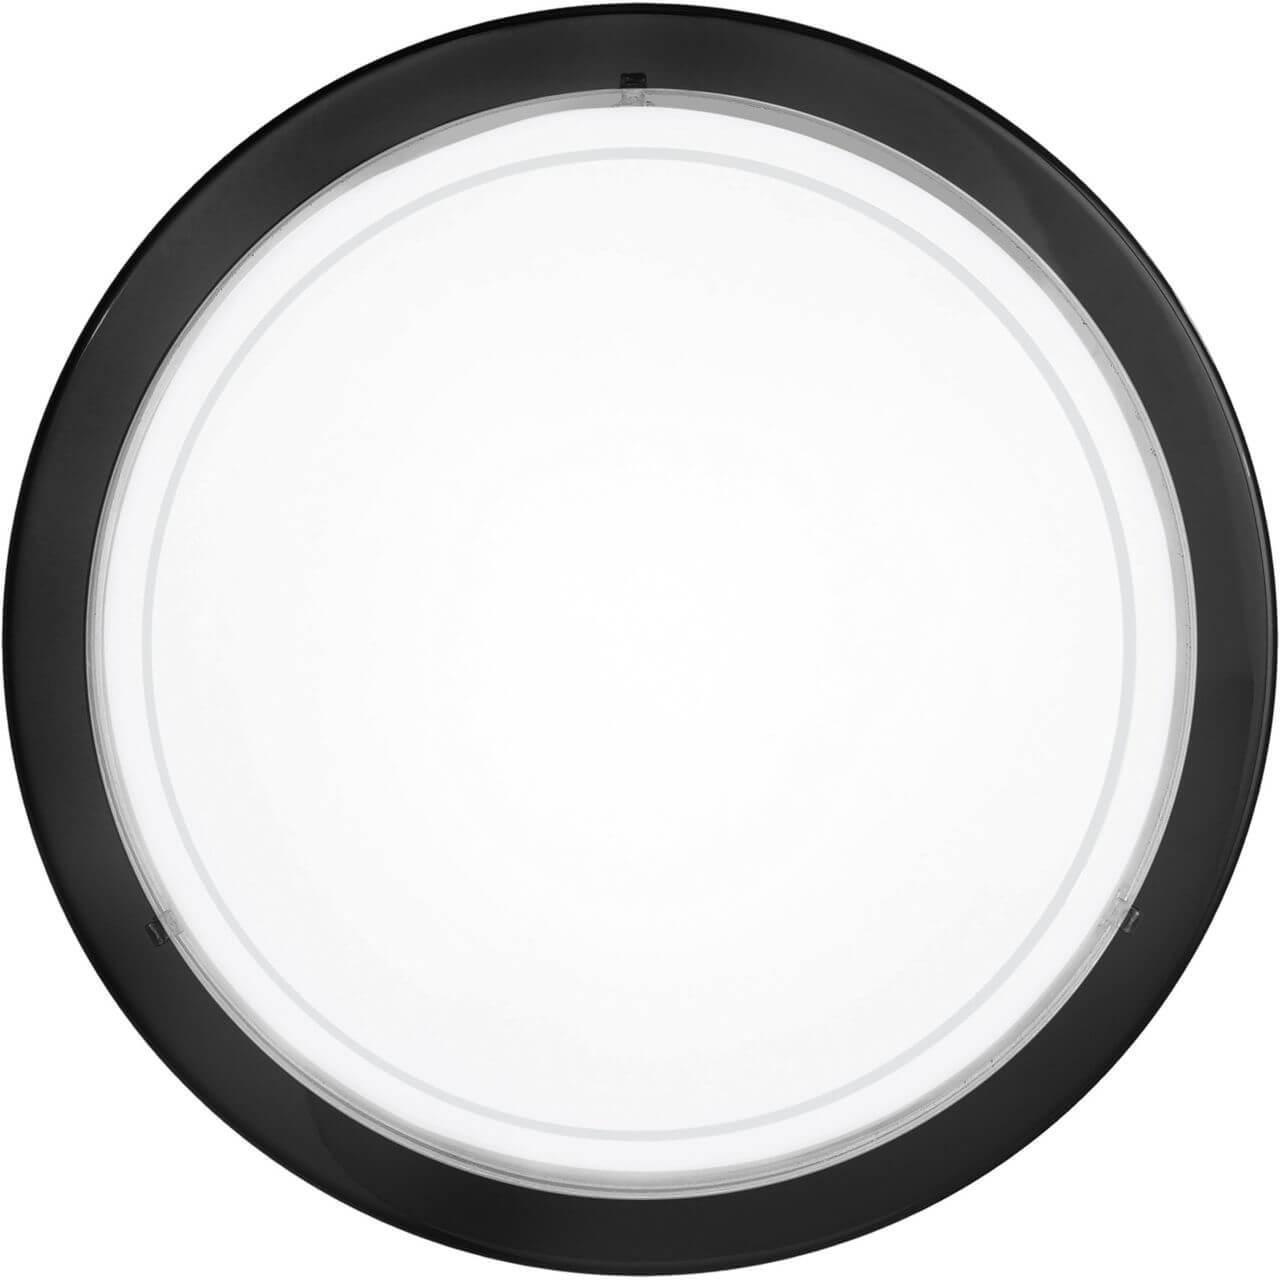 Настенно-потолочный светильник Eglo 83159, белый настенно потолочный светильник eglo 83155 белый